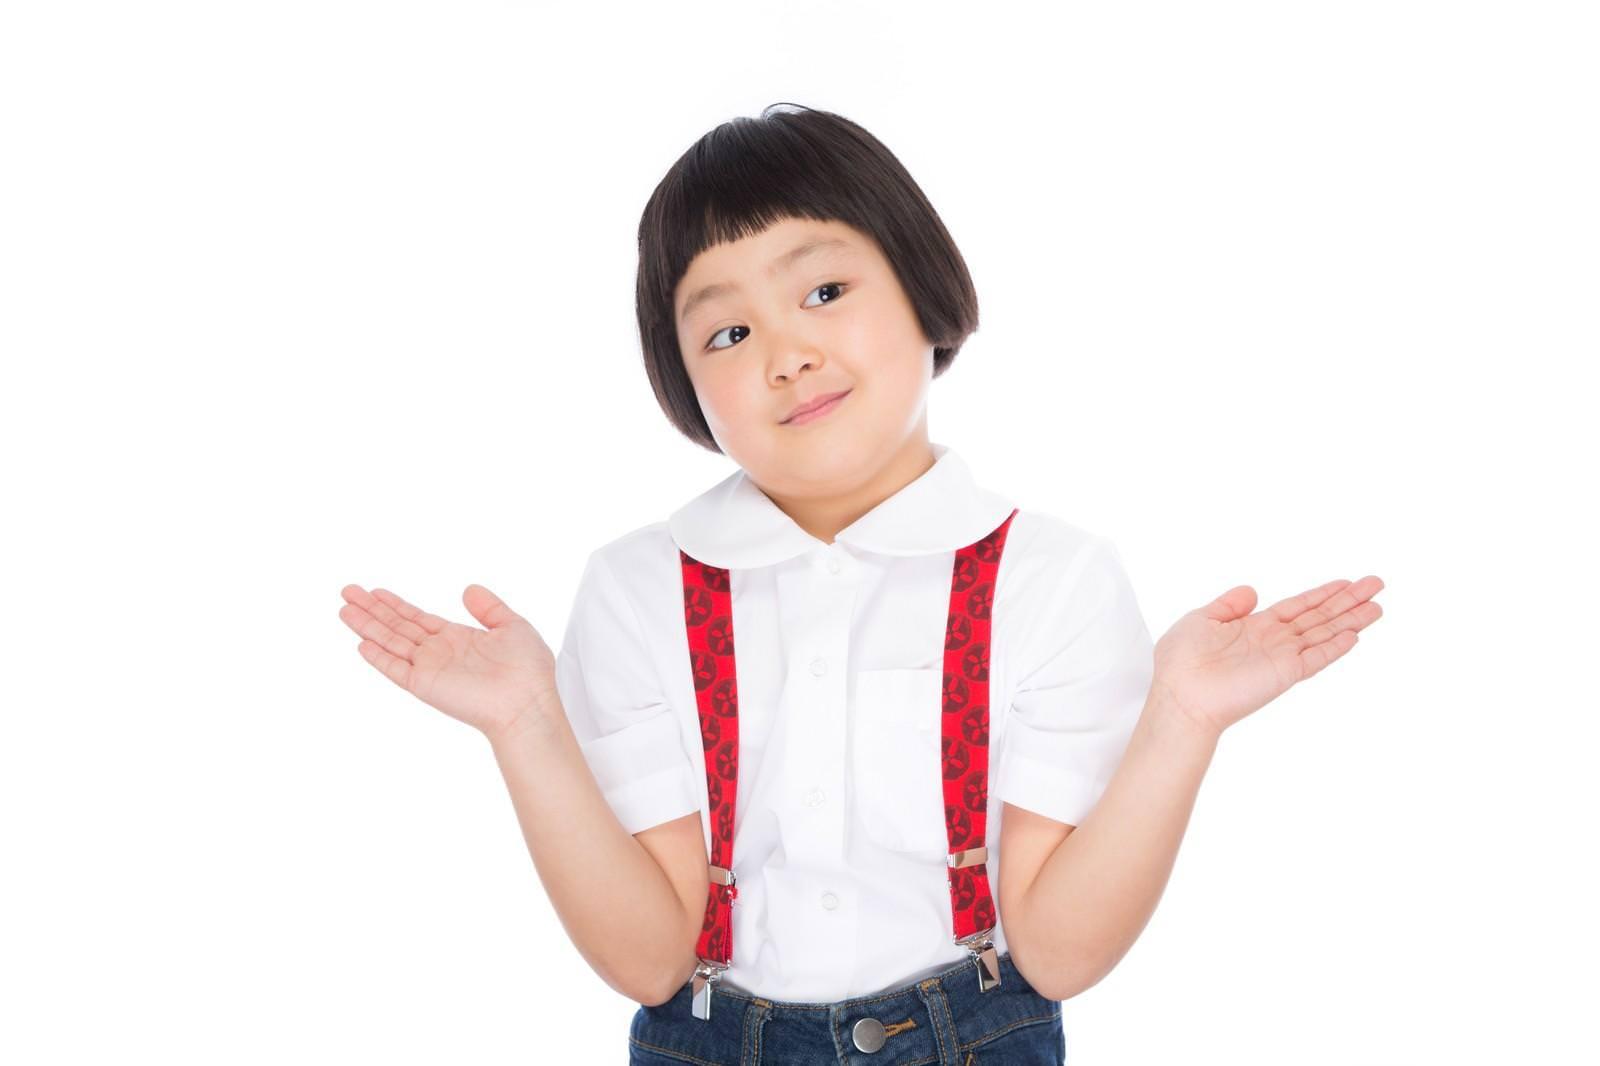 前髪パッツンの女の子のリアクションの写真